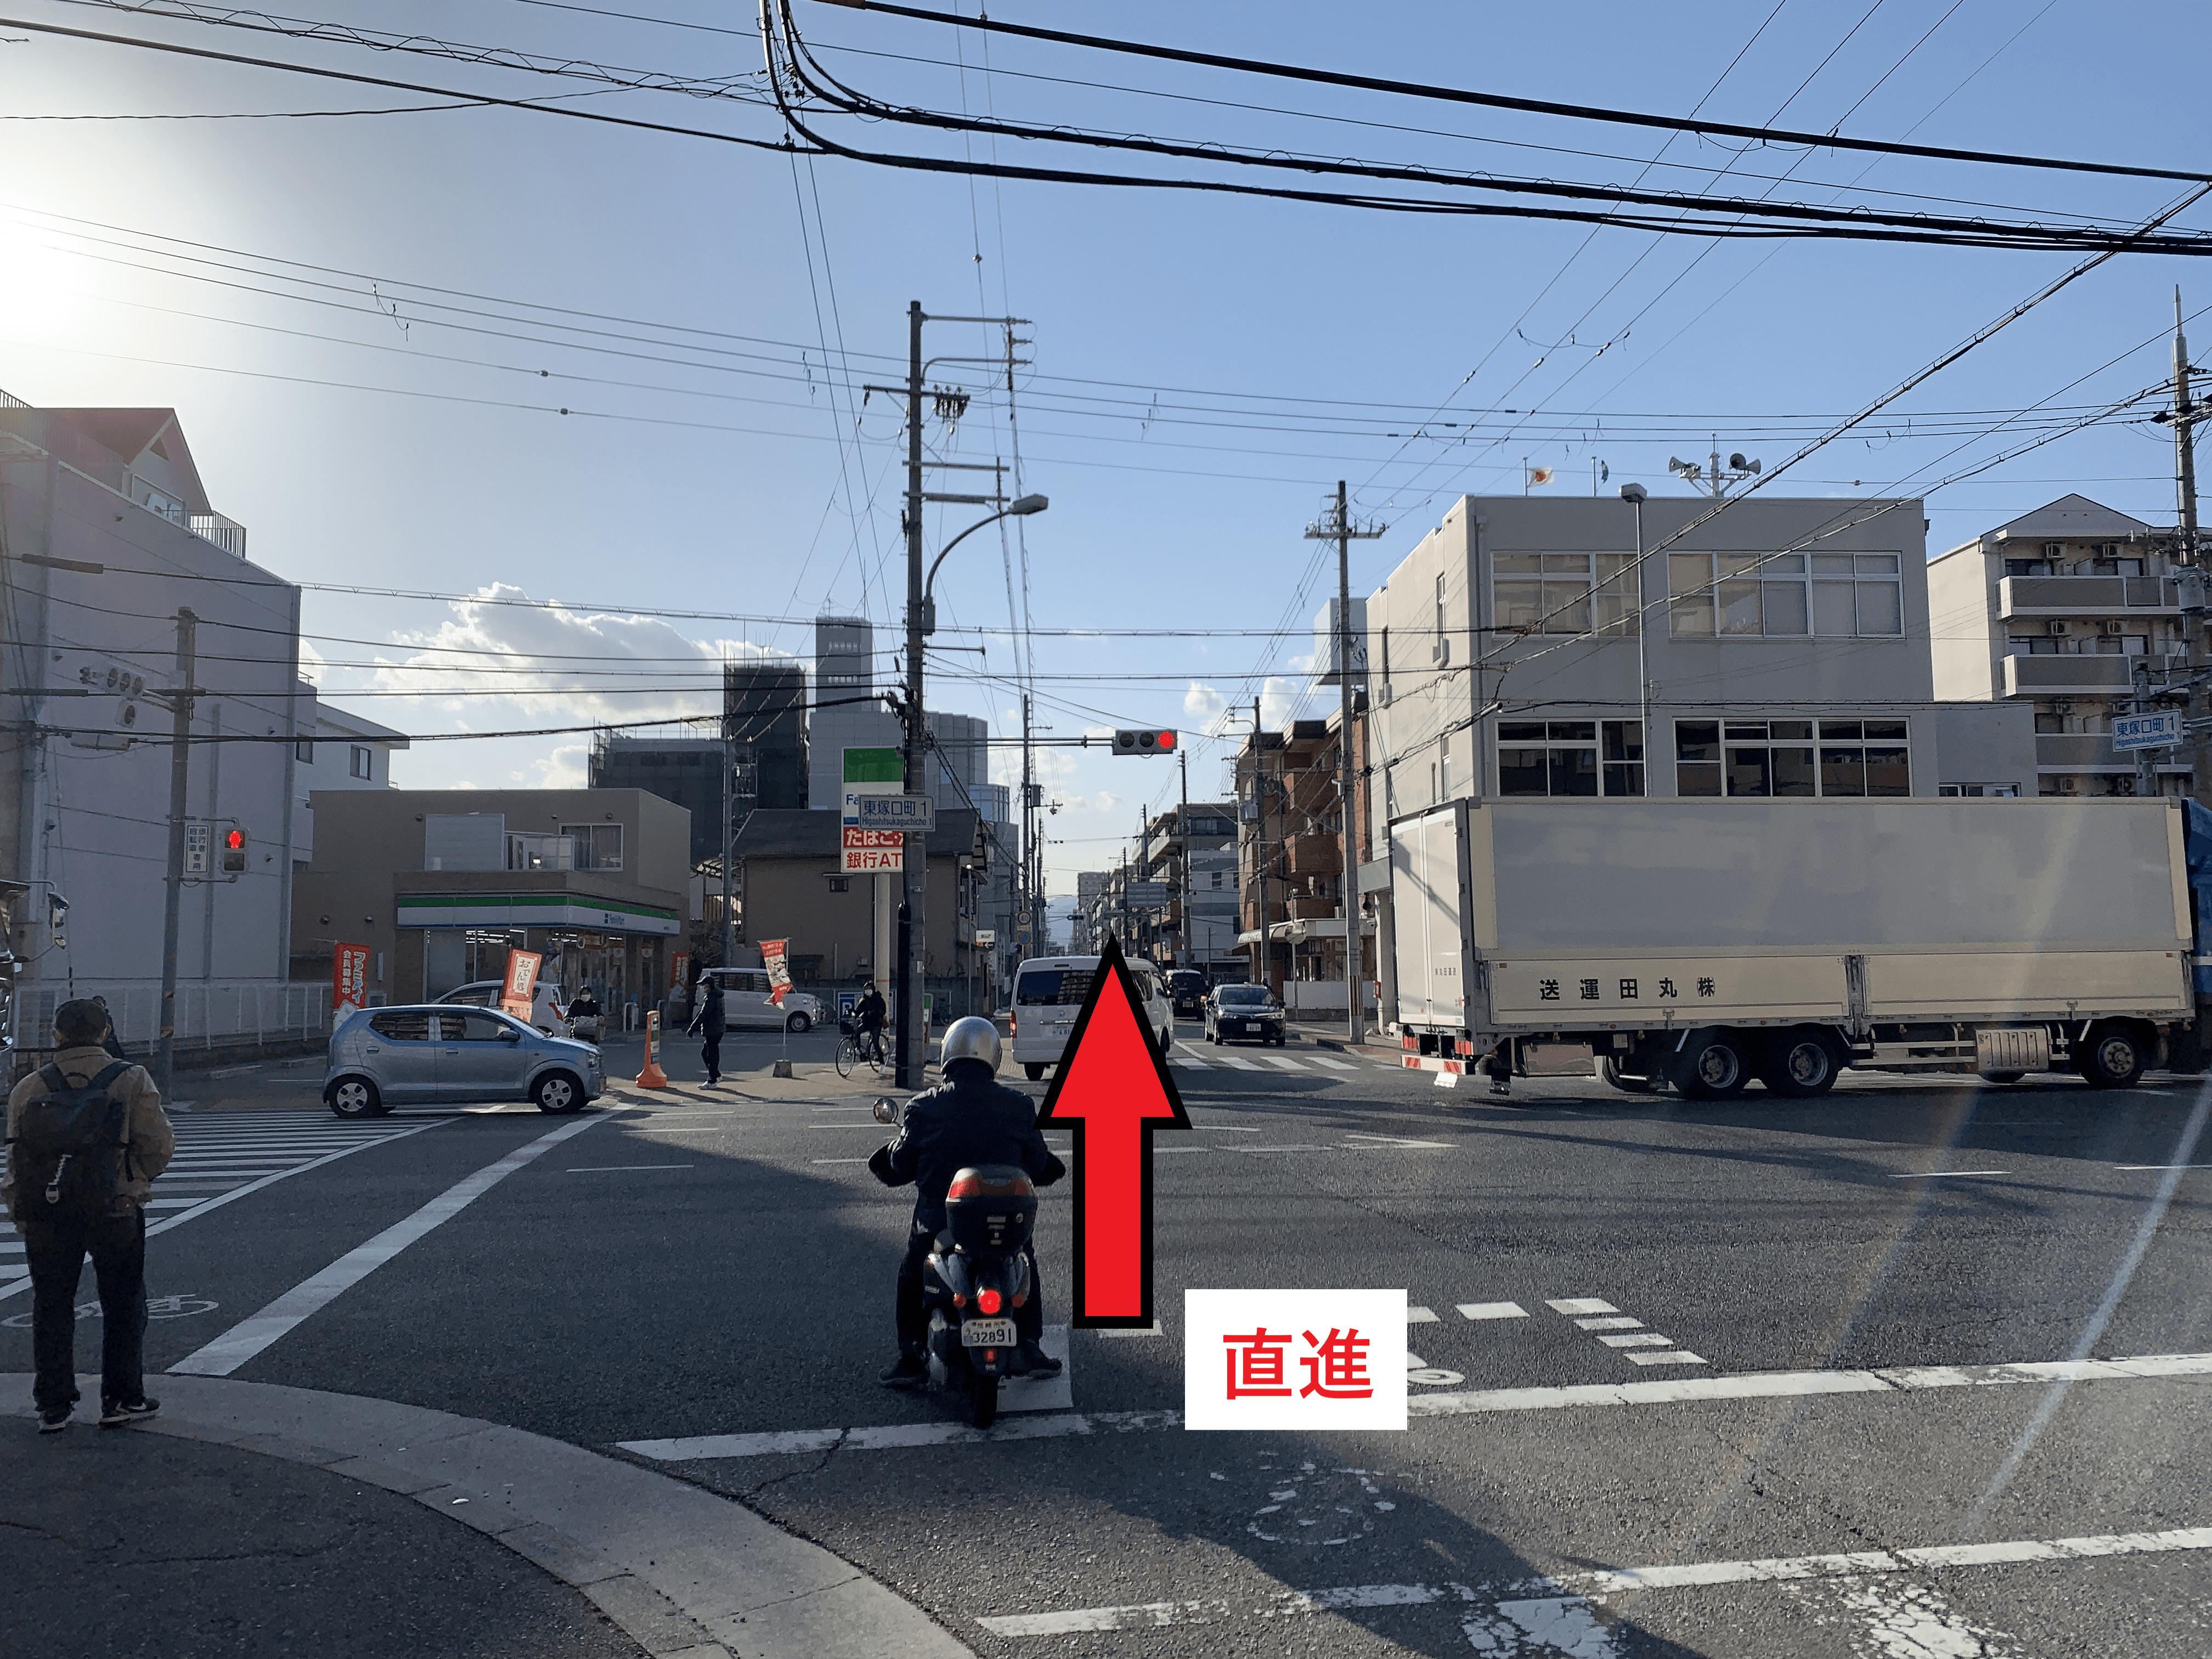 東塚口町1の交差点わたりをファミリーマート尼崎南塚口店を直進